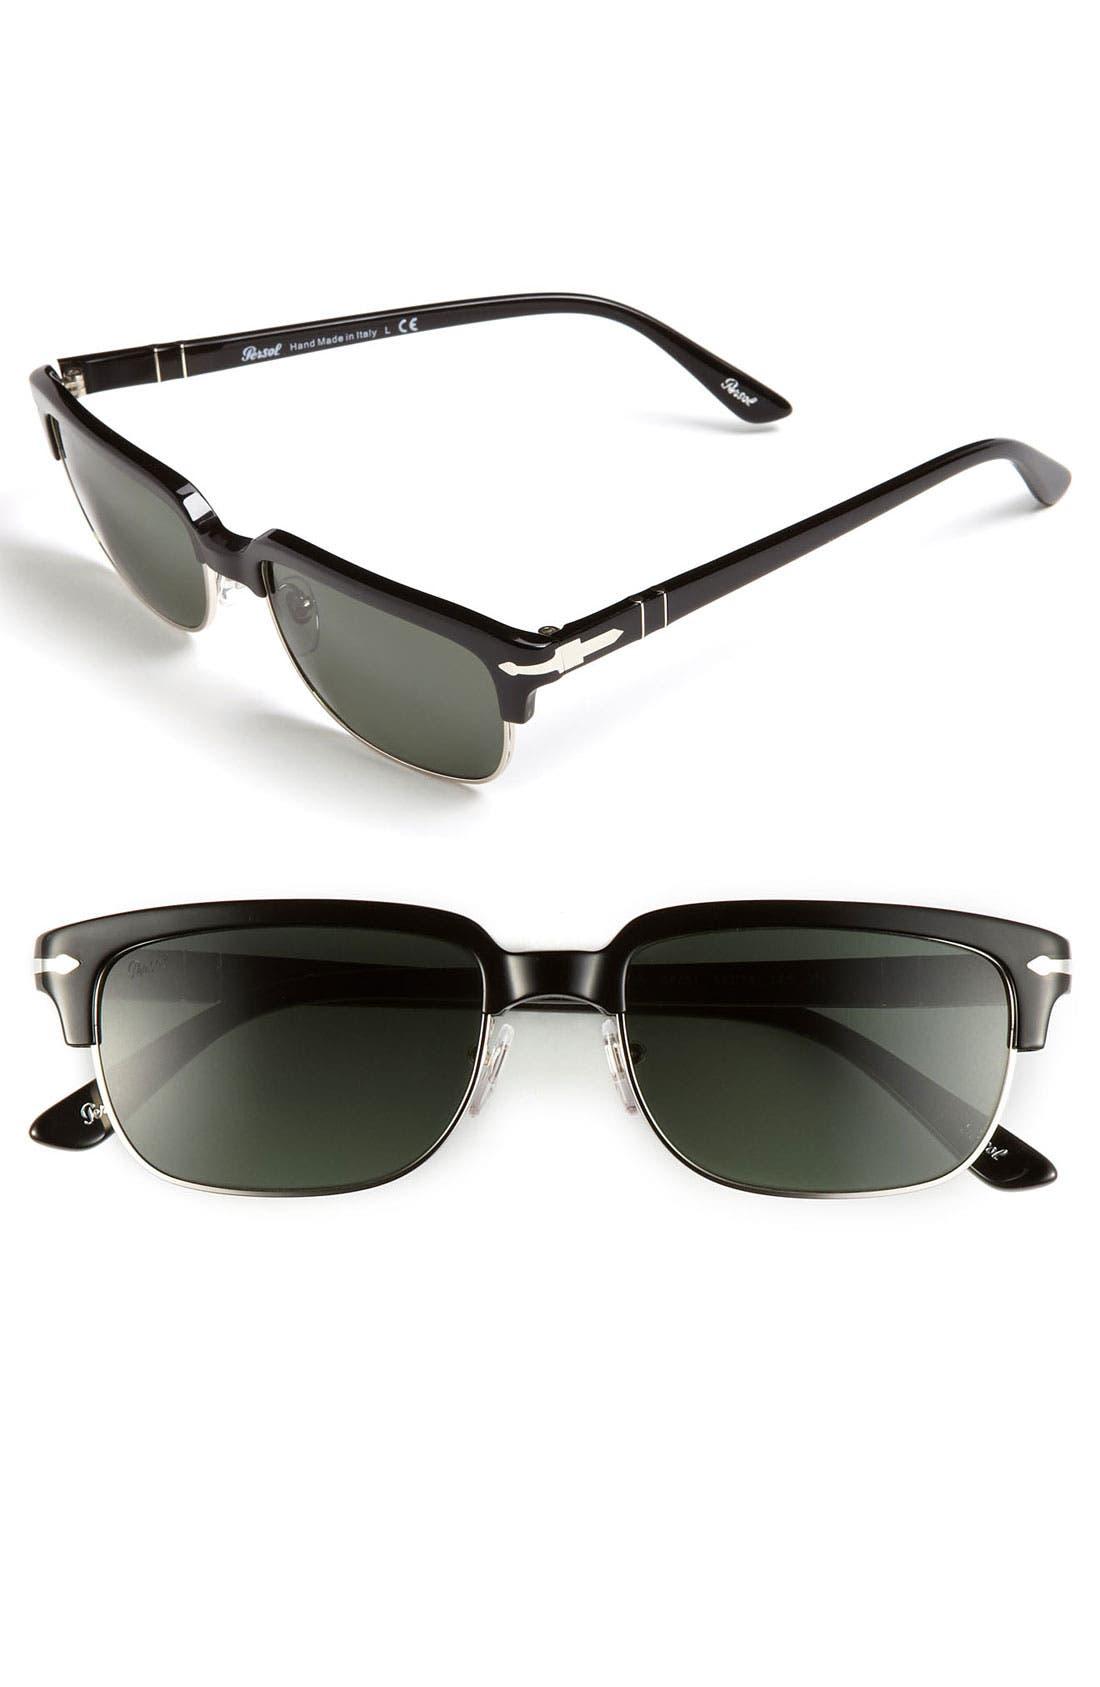 Main Image - Persol 'Suprema' 54mm Sunglasses